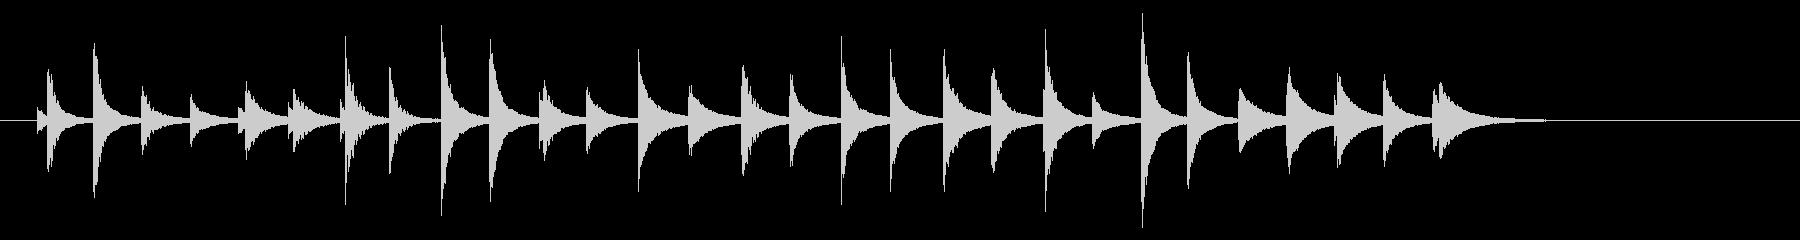 松虫10キラキラ鉄琴アジアン和風歌舞伎鳴の未再生の波形